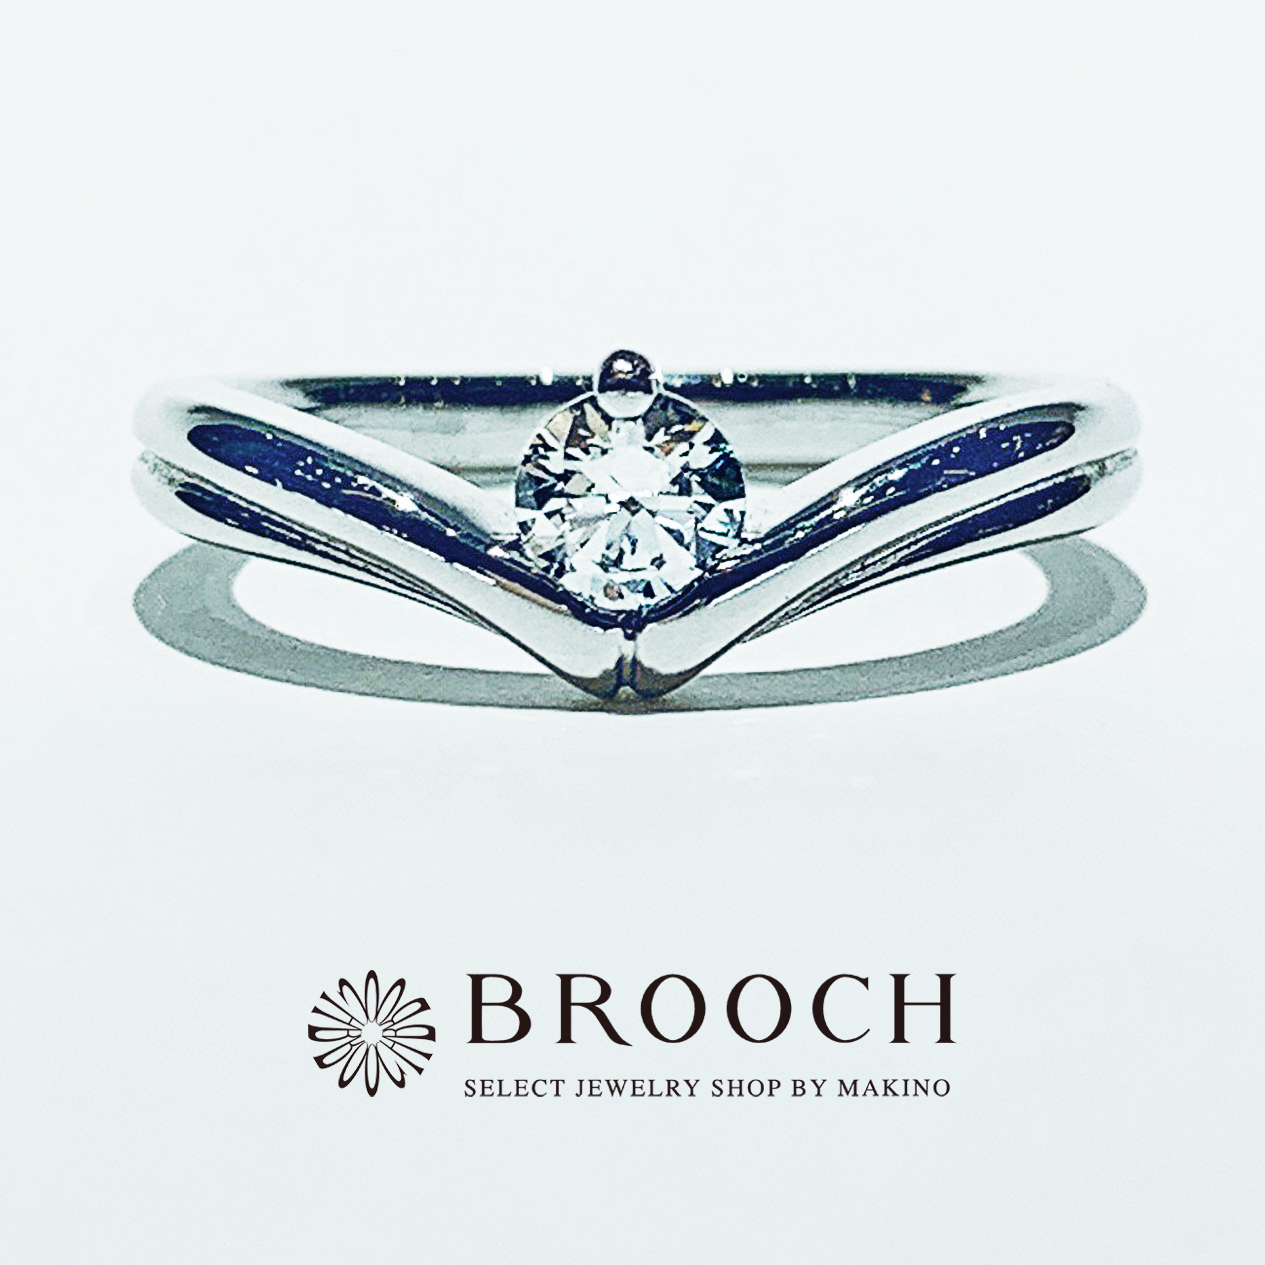 BROOCH 婚約指輪 エンゲージリング かわいい V字デザイン